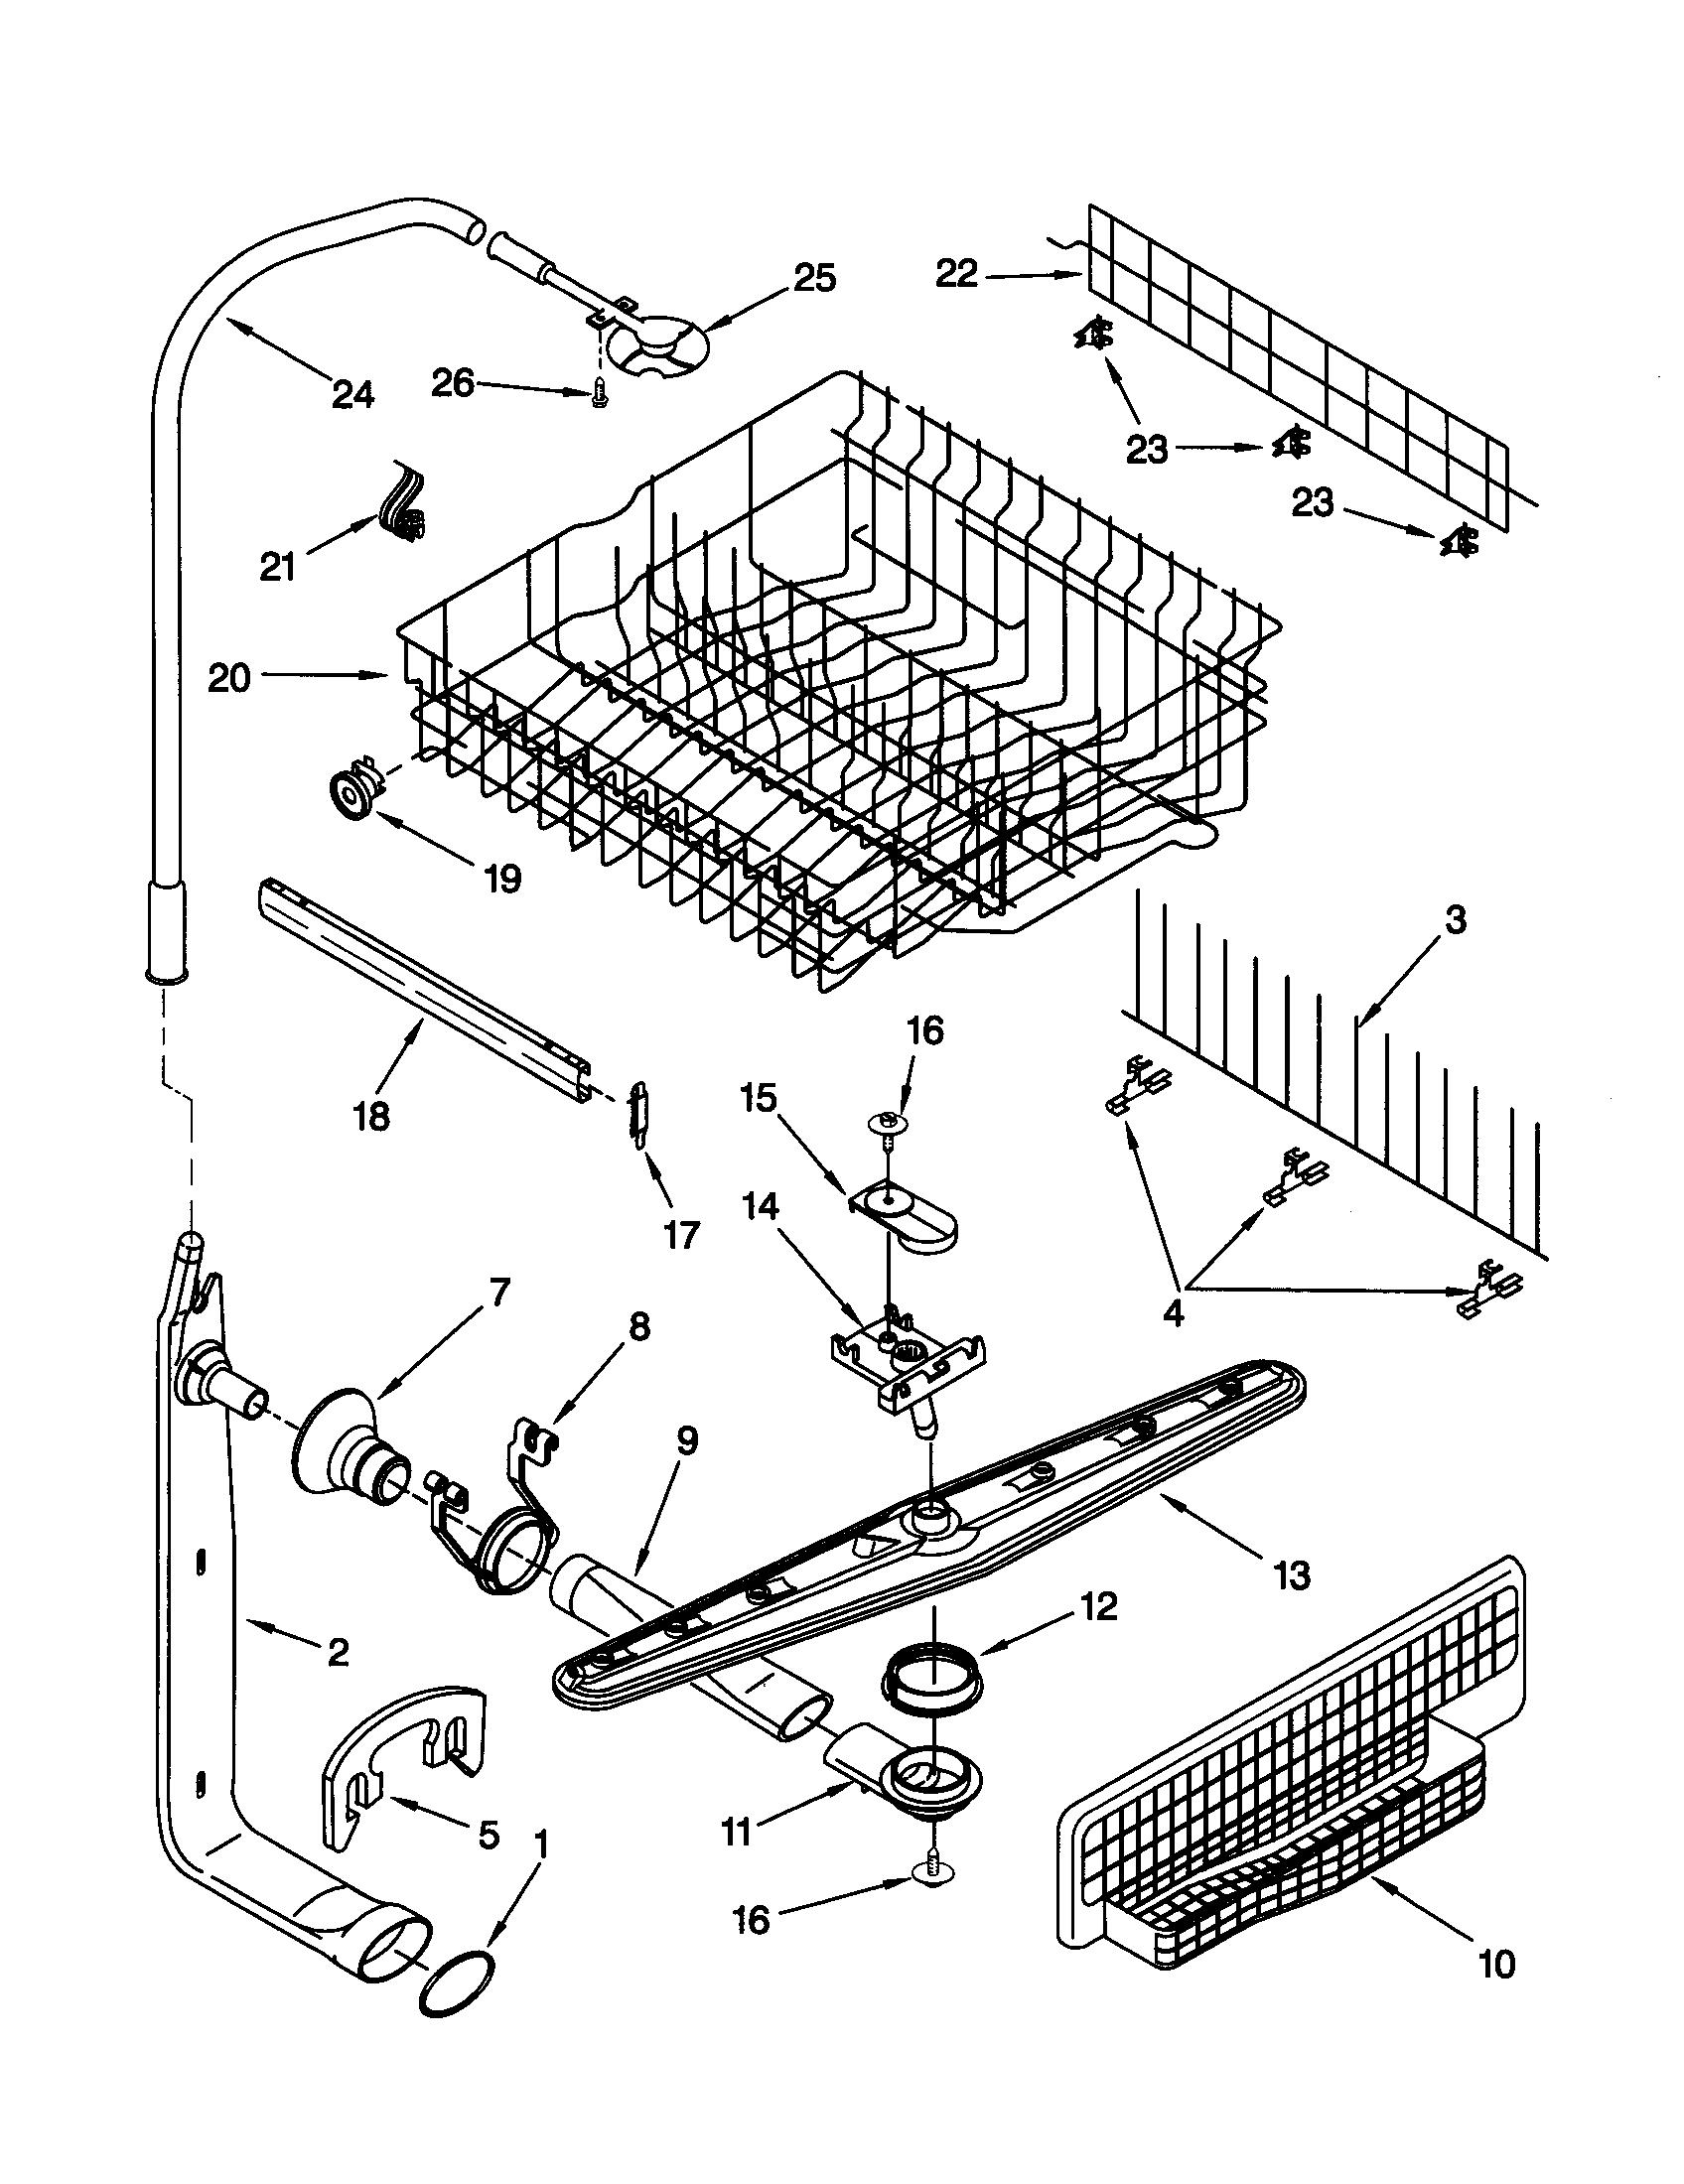 34 Kenmore Dishwasher Parts Diagram